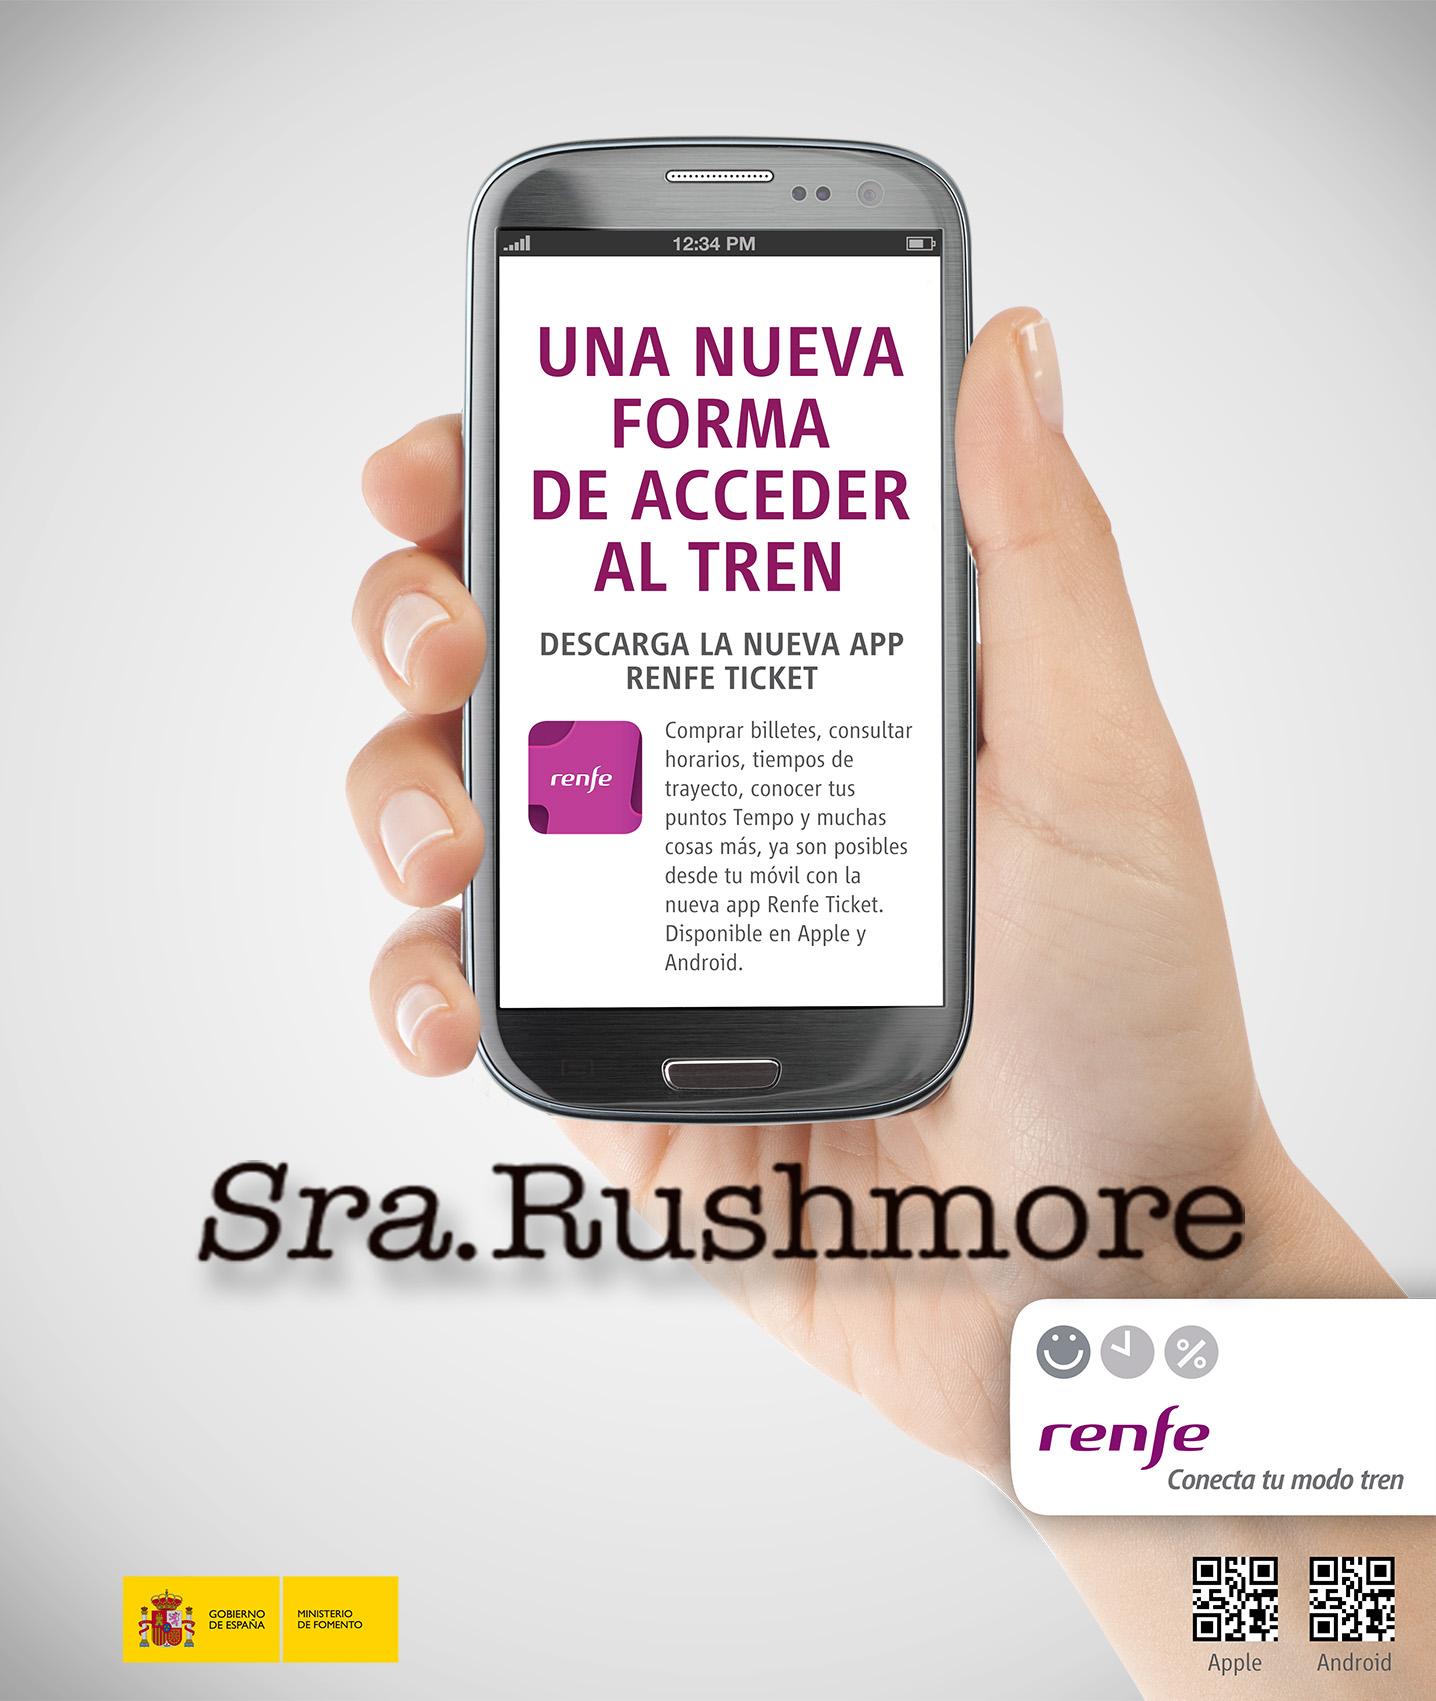 Sra. Rushmore